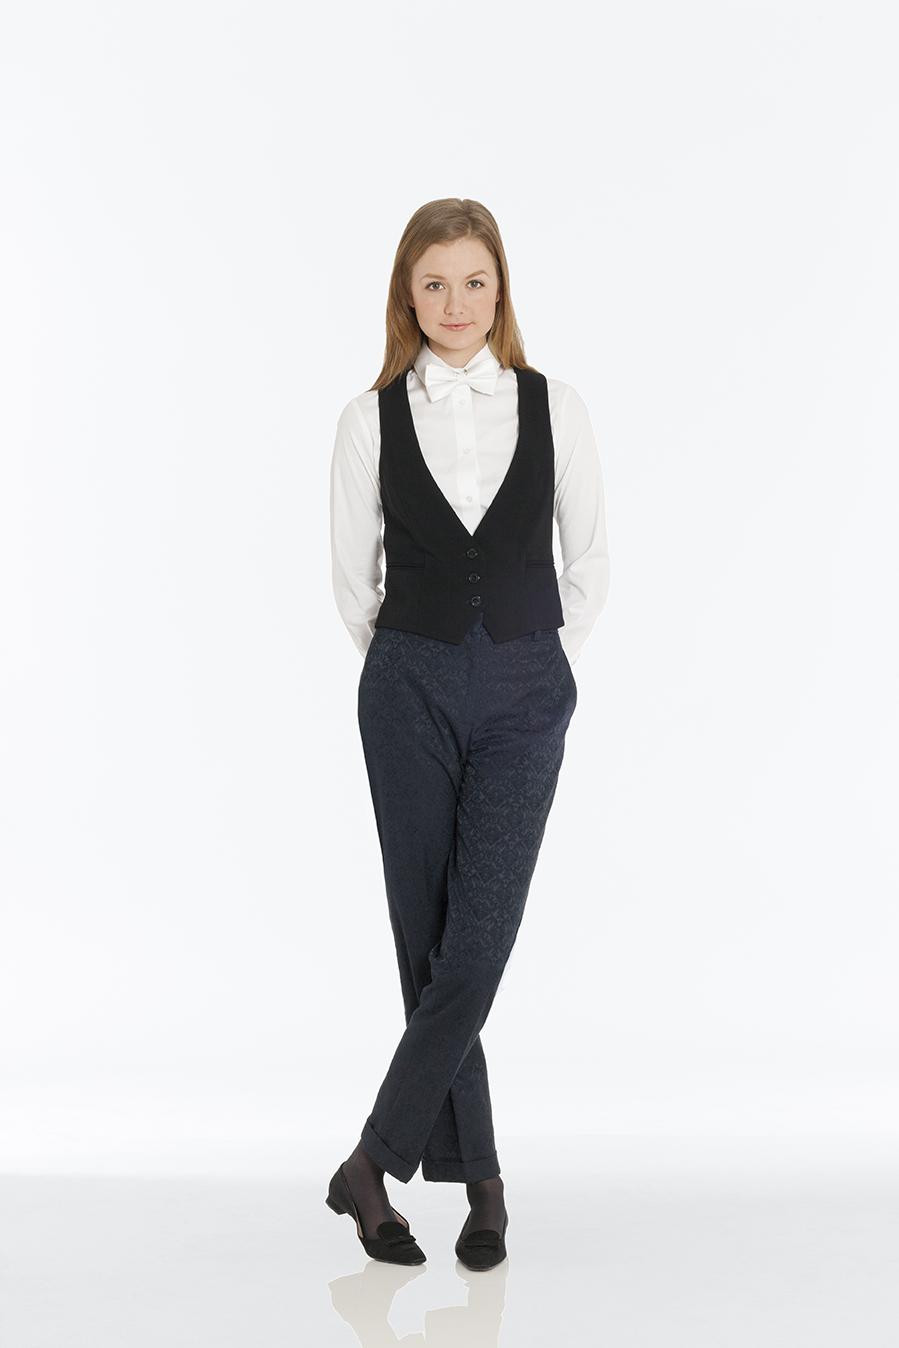 Vest 1126 Shirt 500FC Pant 127 Bow Tie 1431